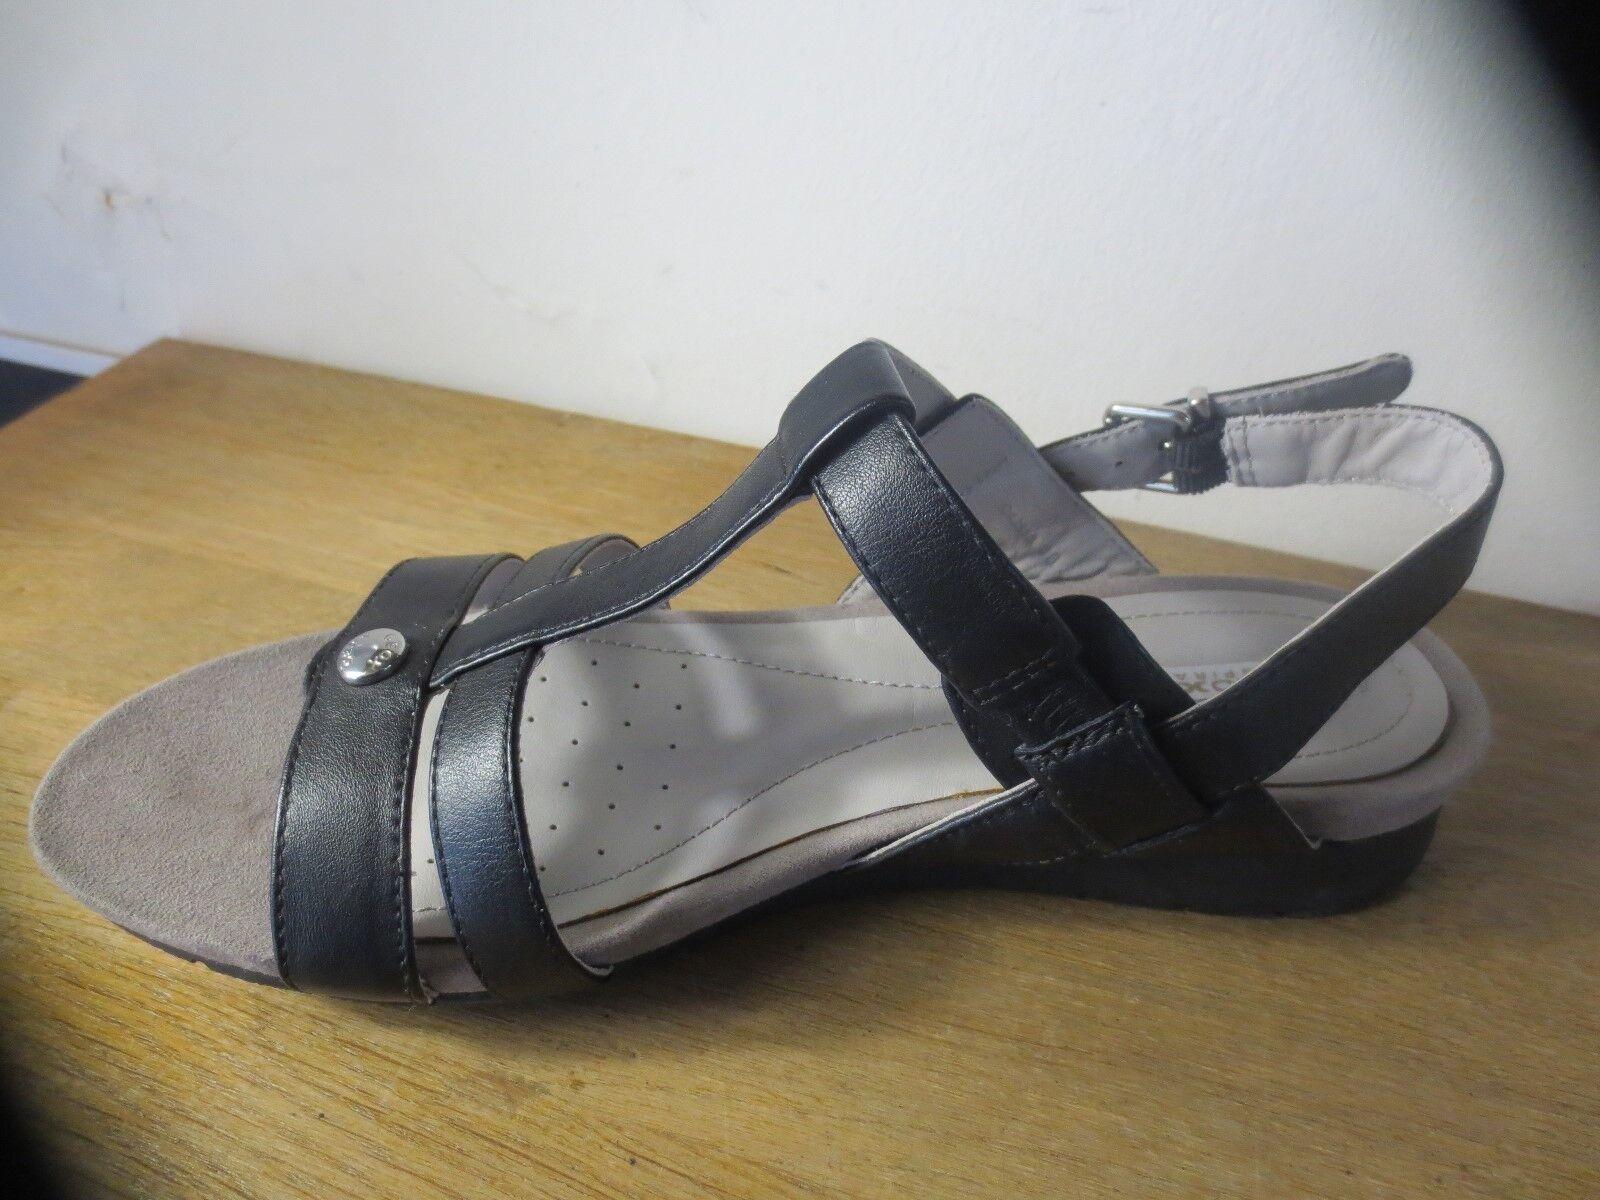 GEOX sandale cuir noir NEUVE Valeur 110E Pointures 36,36.5,37.5